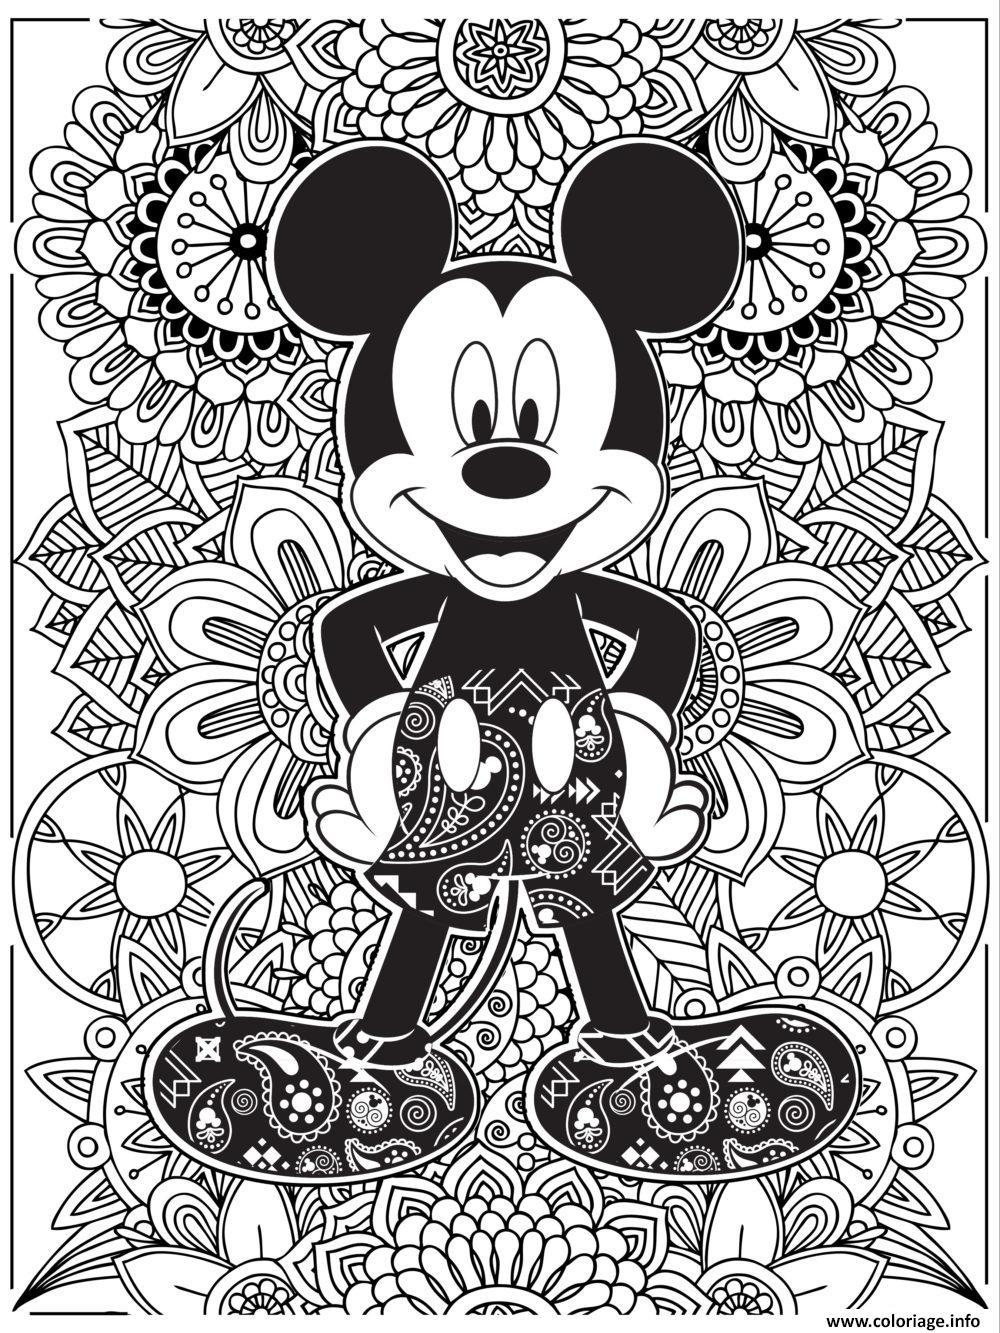 Coloriage Mandala Disney Mickeymouse Hd Dessin à Mandala À Colorier Et À Imprimer Gratuit